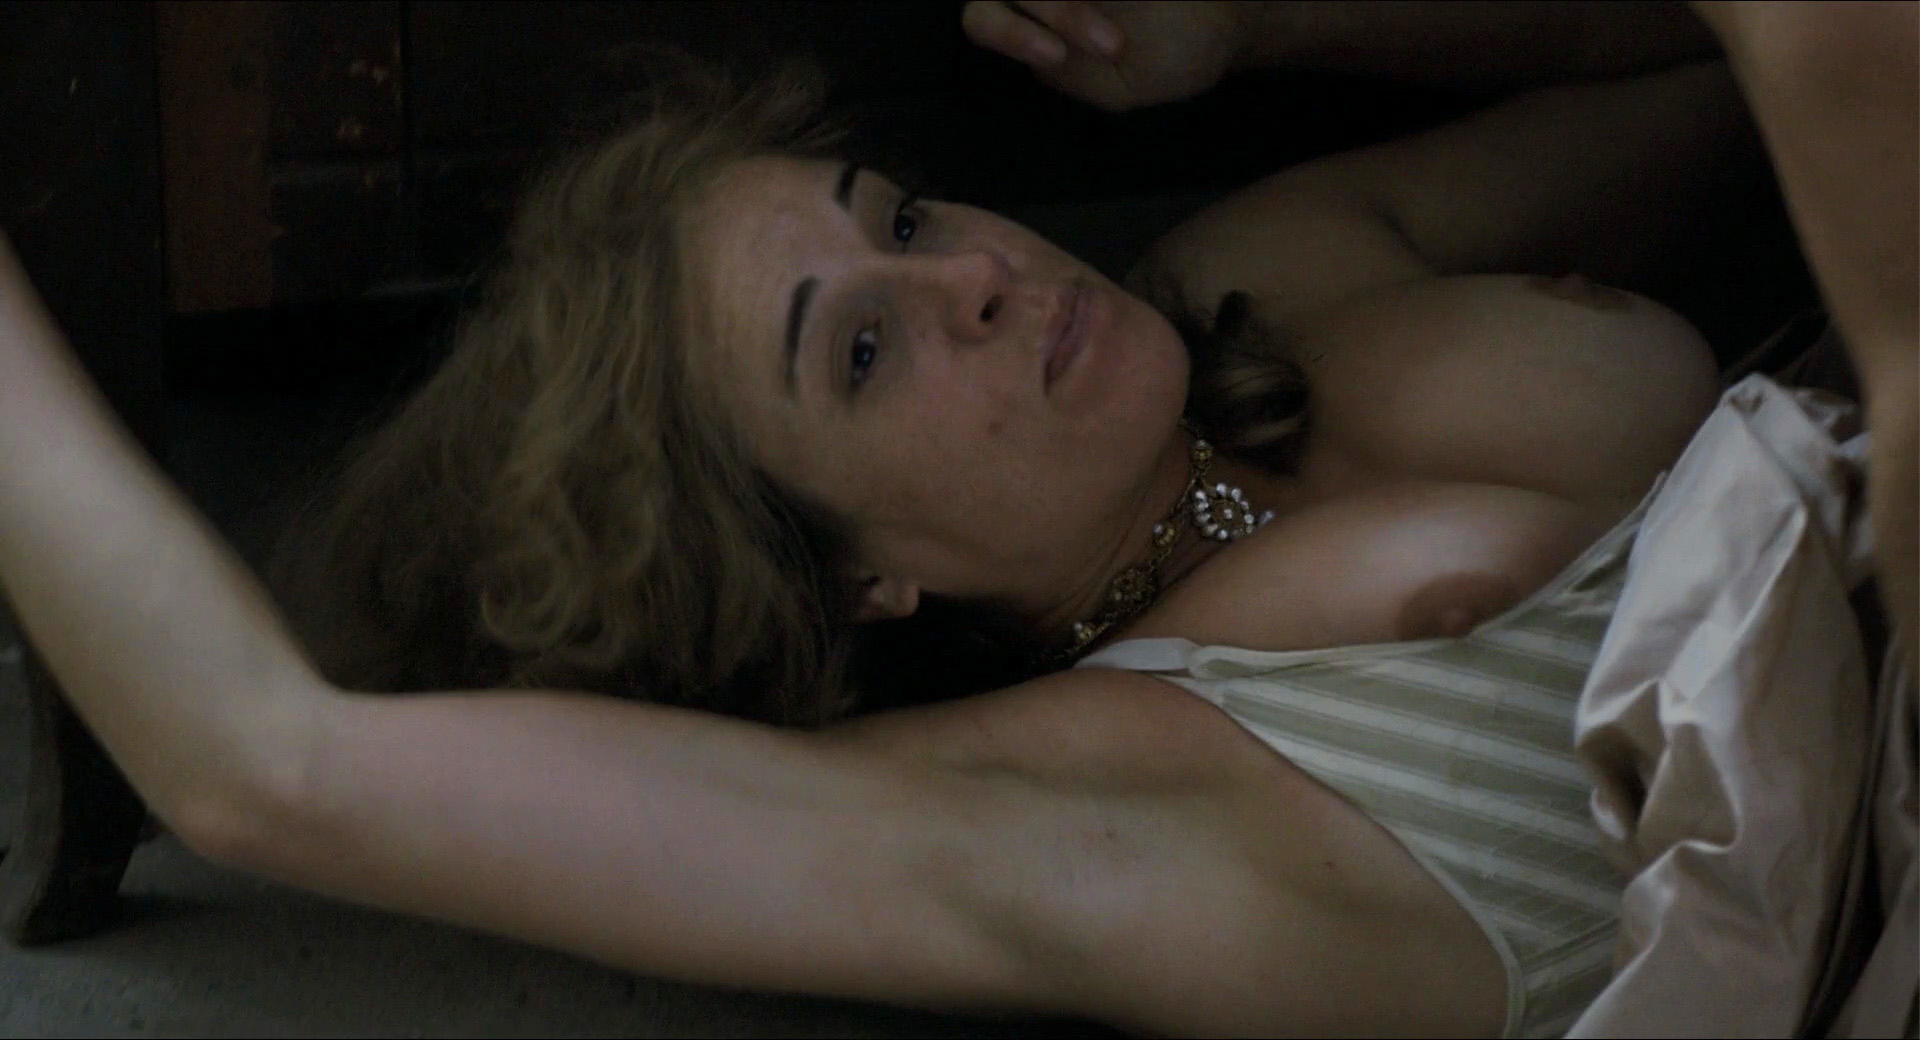 Nackt bilder herzsprung Szene bei